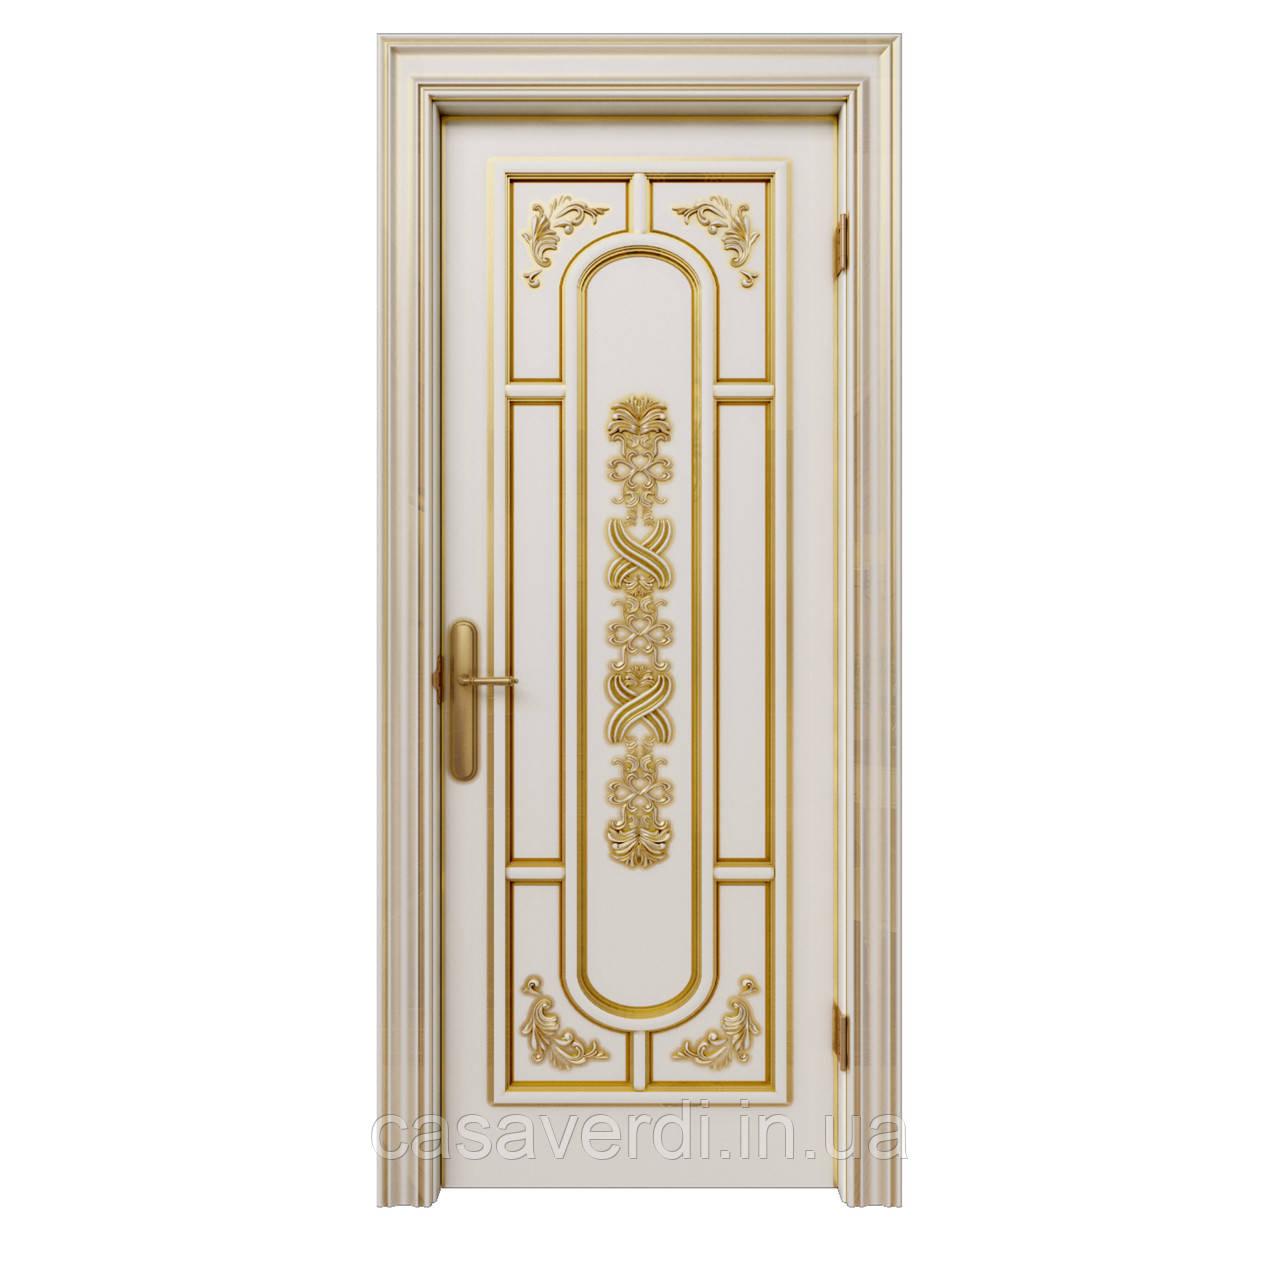 Межкомнатная дверь Casa Verdi Milano 2 из массива ясени белая с декором